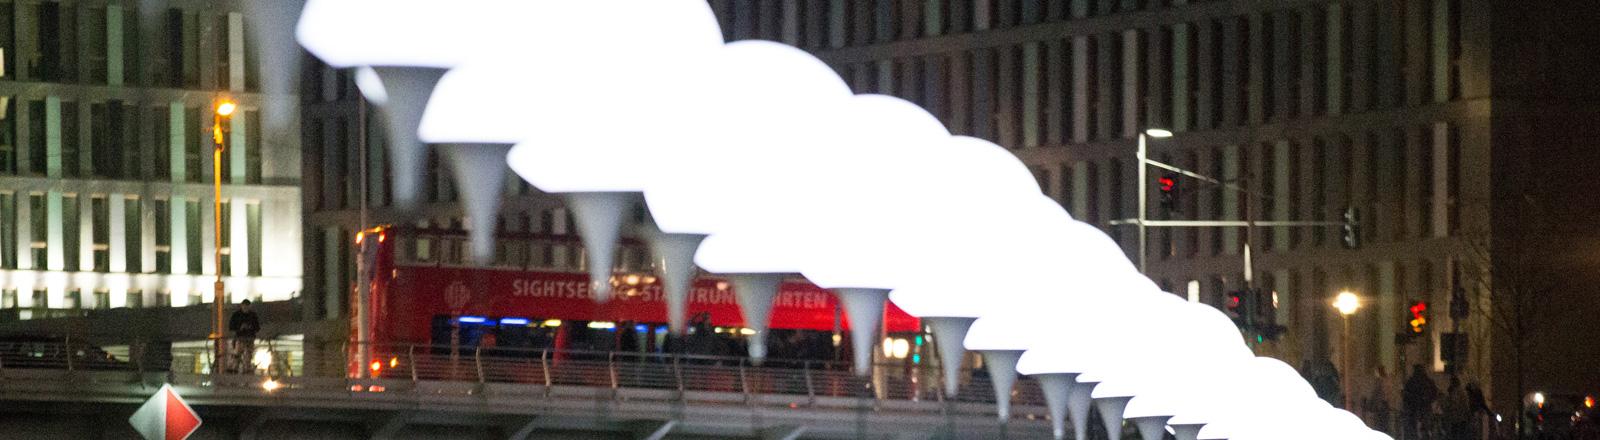 Ballonstelen leuchten am 08.11.2014 in den frühen Abendstunden entlang des ehemaligen Verlaufs der Berliner Mauer im Regierungsviertel in Berlin.